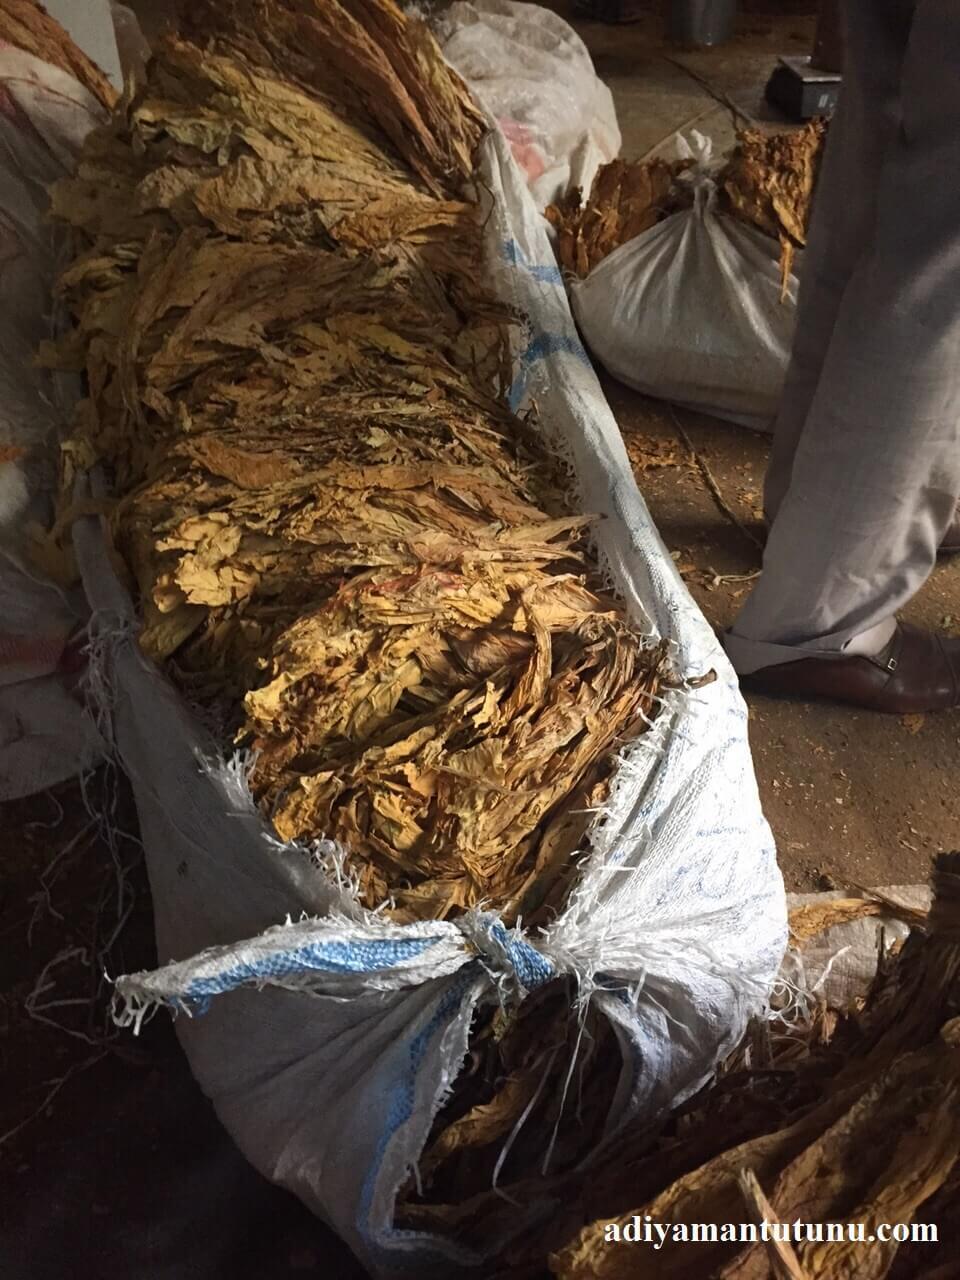 kıyım işlemi için getirilmiş tütün yaprakları